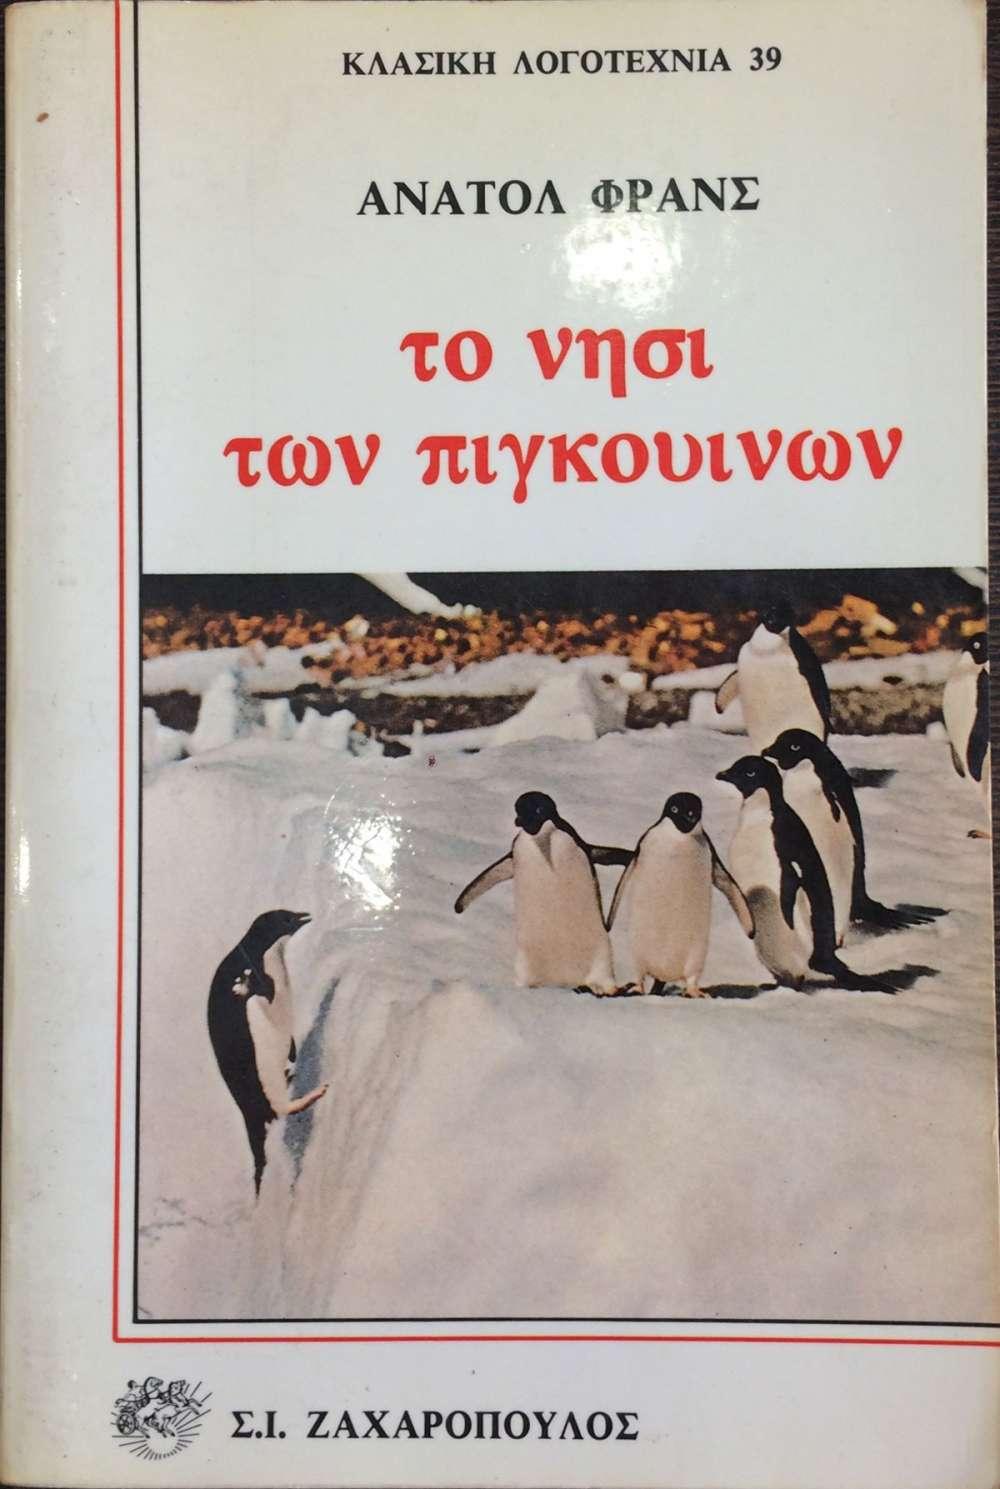 ΤΟ ΝΗΣΙ ΤΩΝ ΠΙΓΚΟΥΙΝΩΝ - πίξελbooks 6c12cf99331